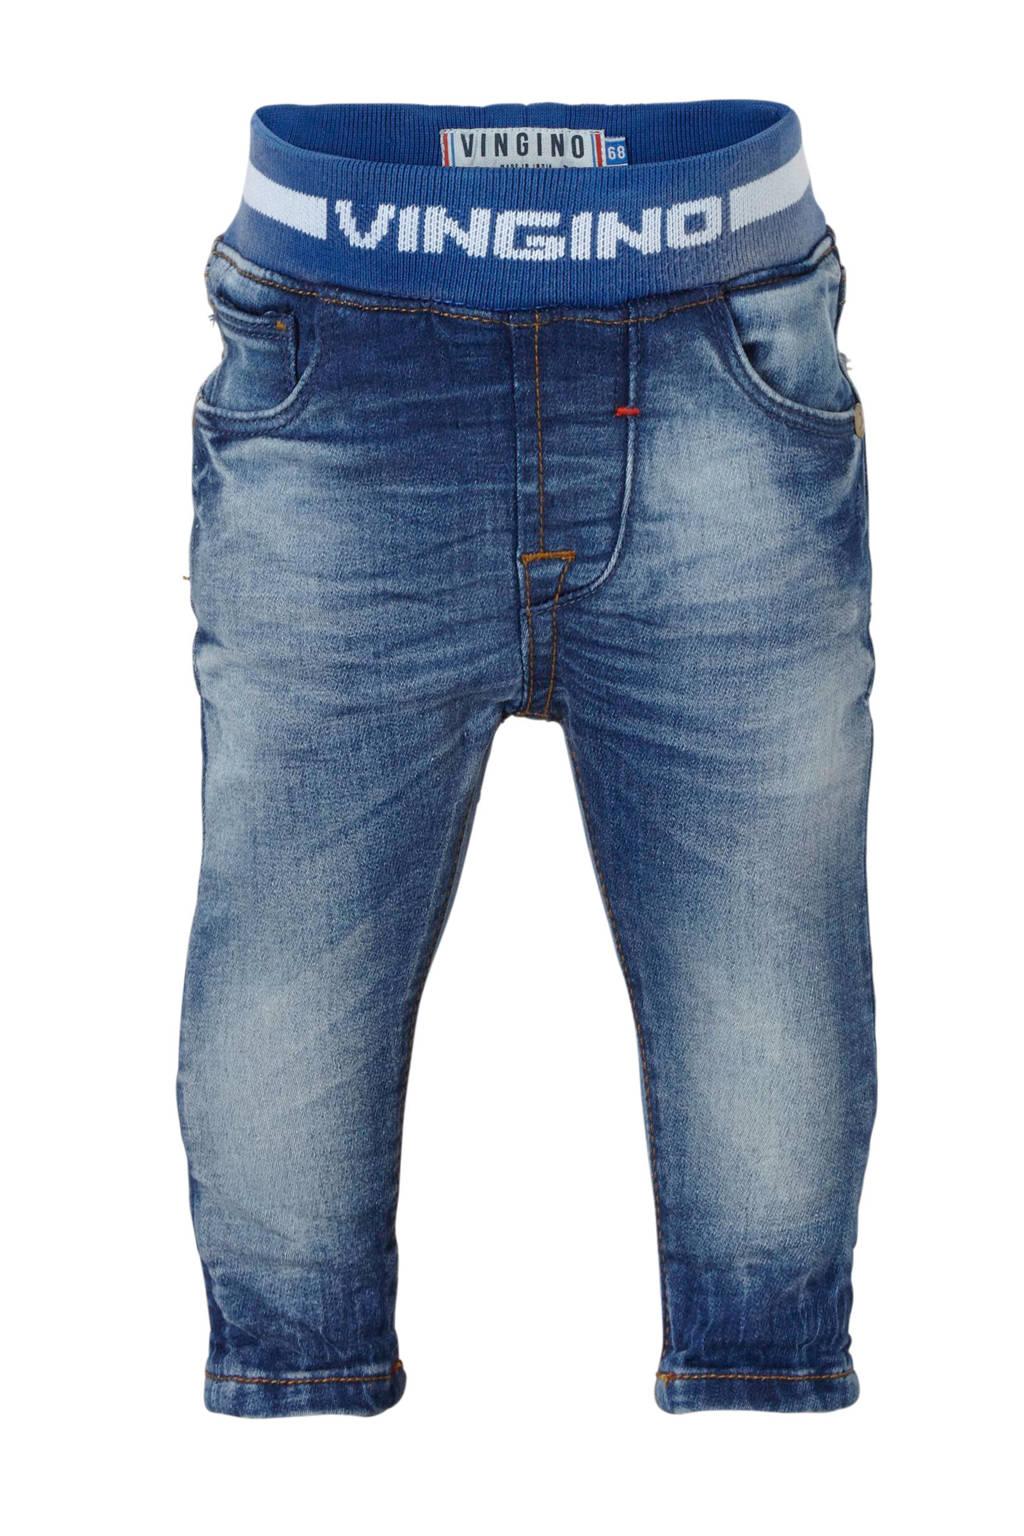 Vingino jeans Blake blauw, Blauw